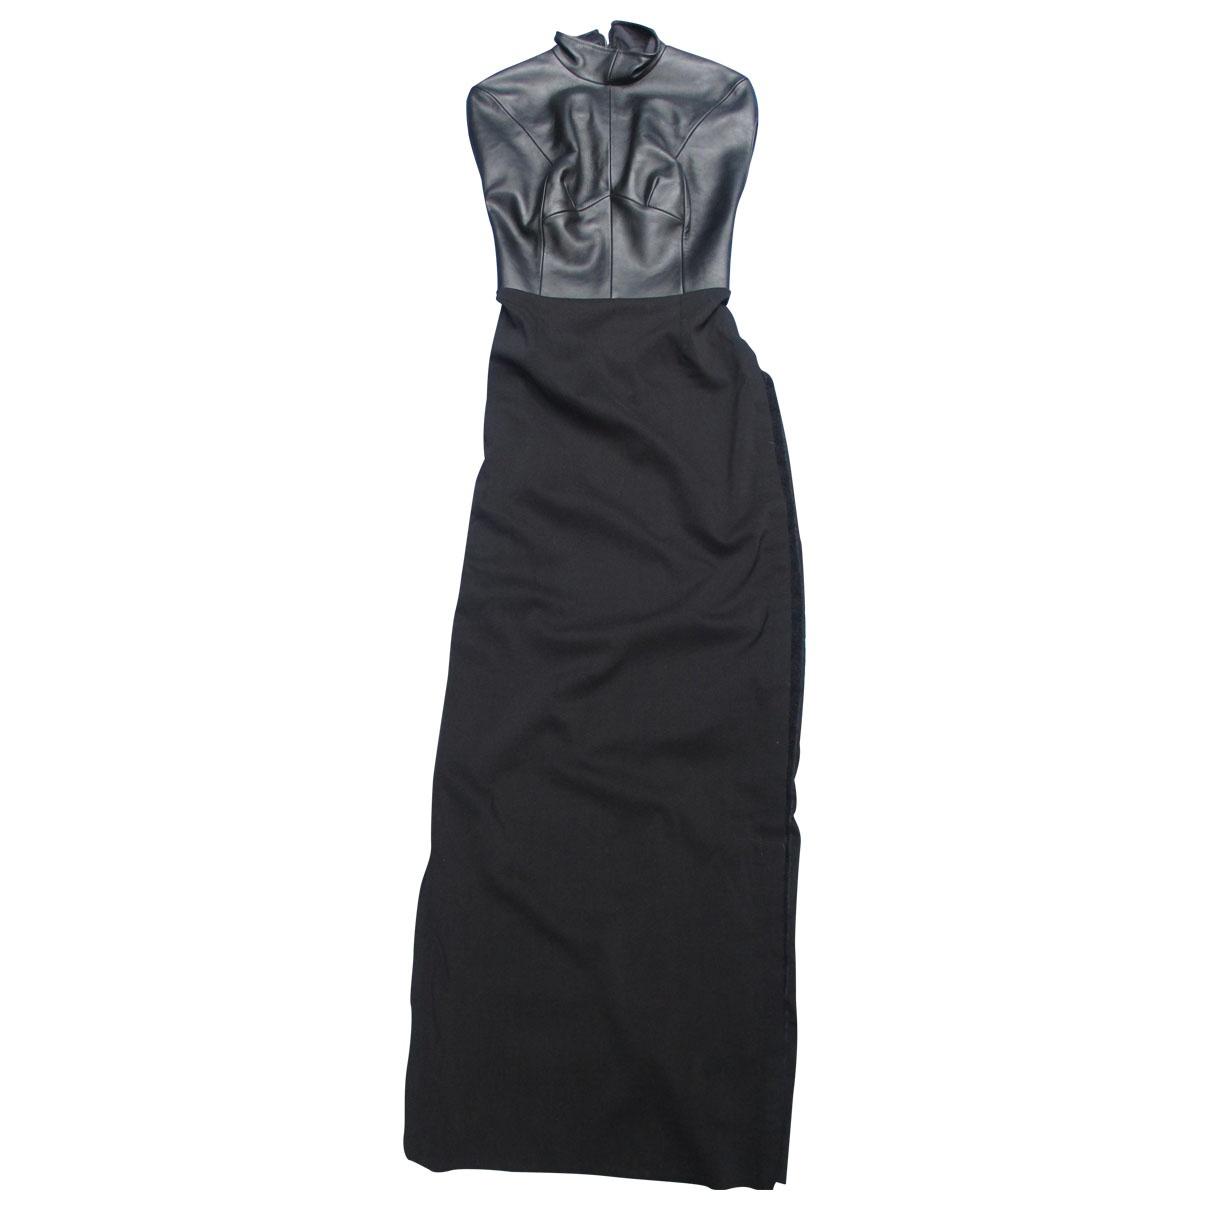 Maison Martin Margiela - Robe   pour femme en cuir - noir